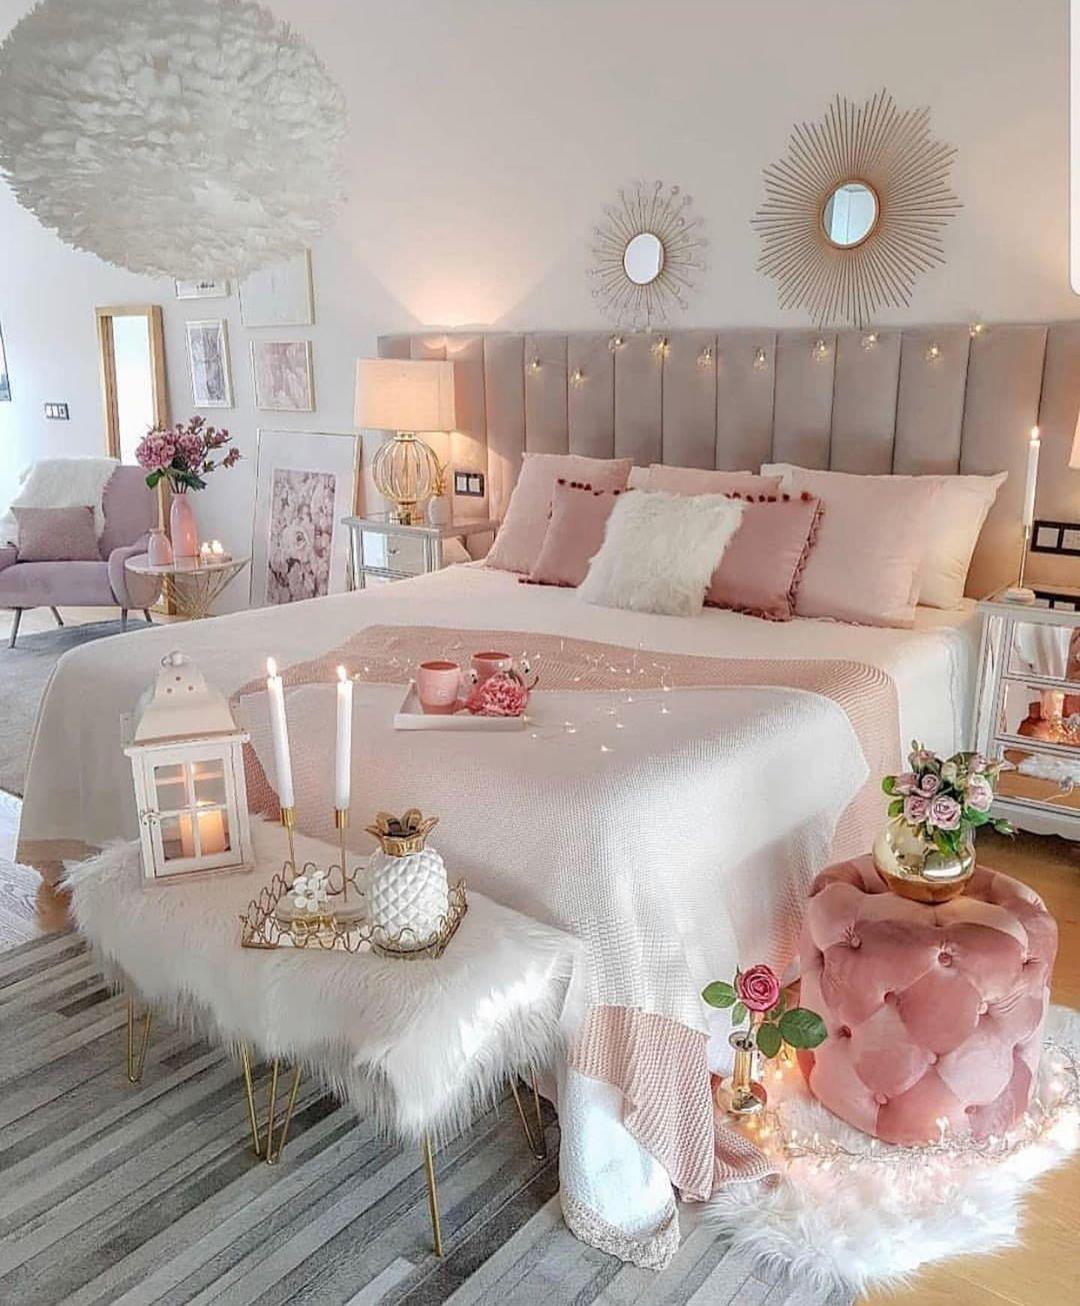 Olivia Jent On Instagram Bedroom Goals Yay Or Nay Tamishome Eleganceroom Stylish Bedroom Girl Bedroom Decor Girl Bedroom Designs